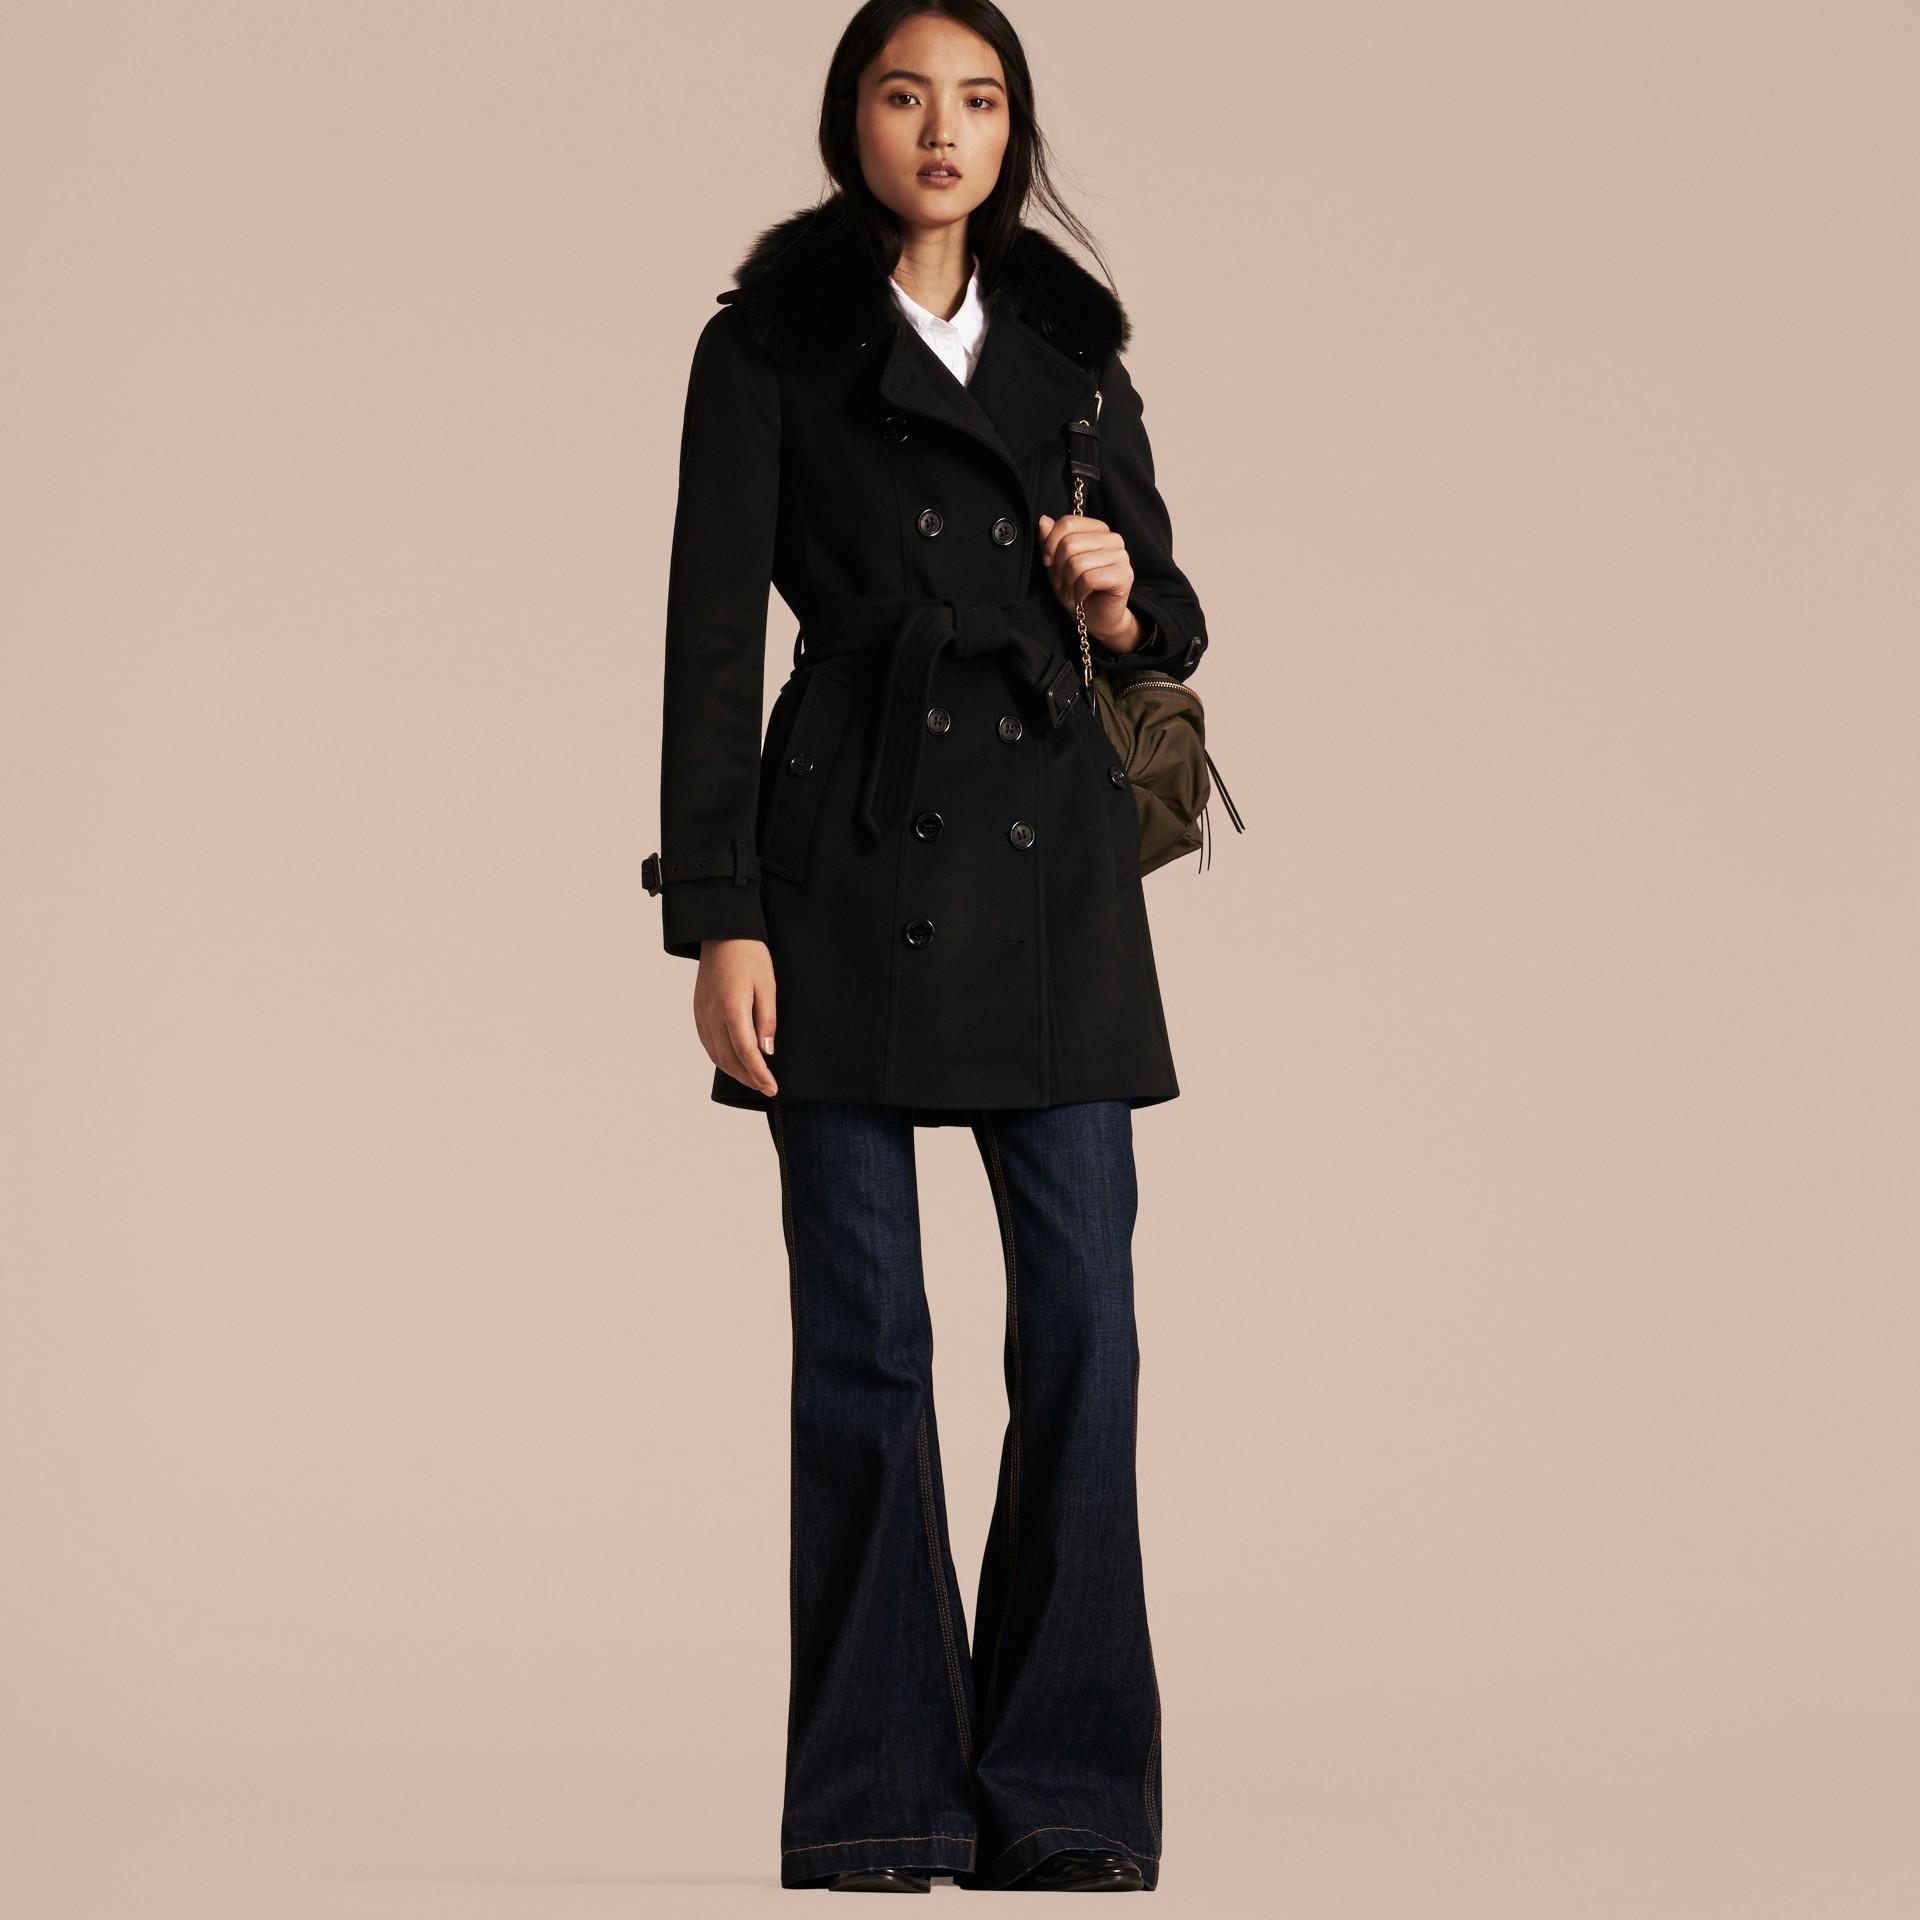 Negro Trench coat en lana y cachemir con cuello en piel de zorro Negro - imagen de la galería 1